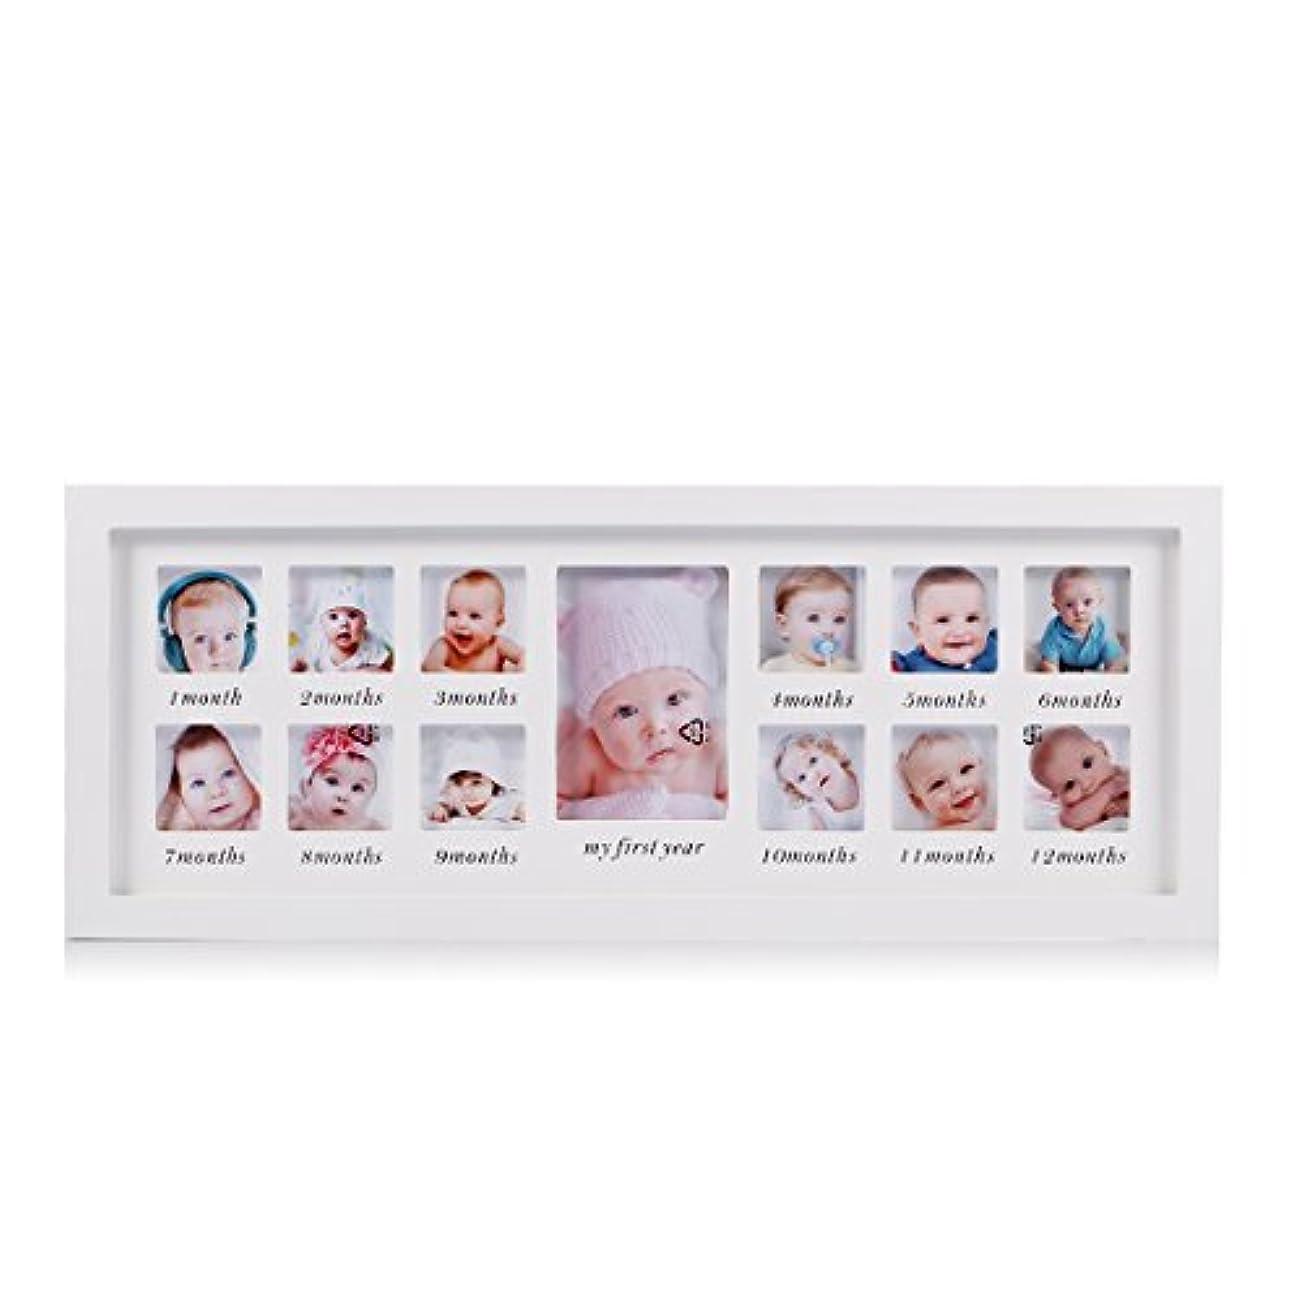 悪夢グレートオークもう一度Feibi私の1年目の赤ちゃんの写真フレーム生まれたばかりの赤ちゃんの記念品のフレームキット木製の子供壁掛け額縁13ヶ月フォトフレーム(白) - ユニークな赤ちゃんのギフト部屋の壁のための完璧な装飾